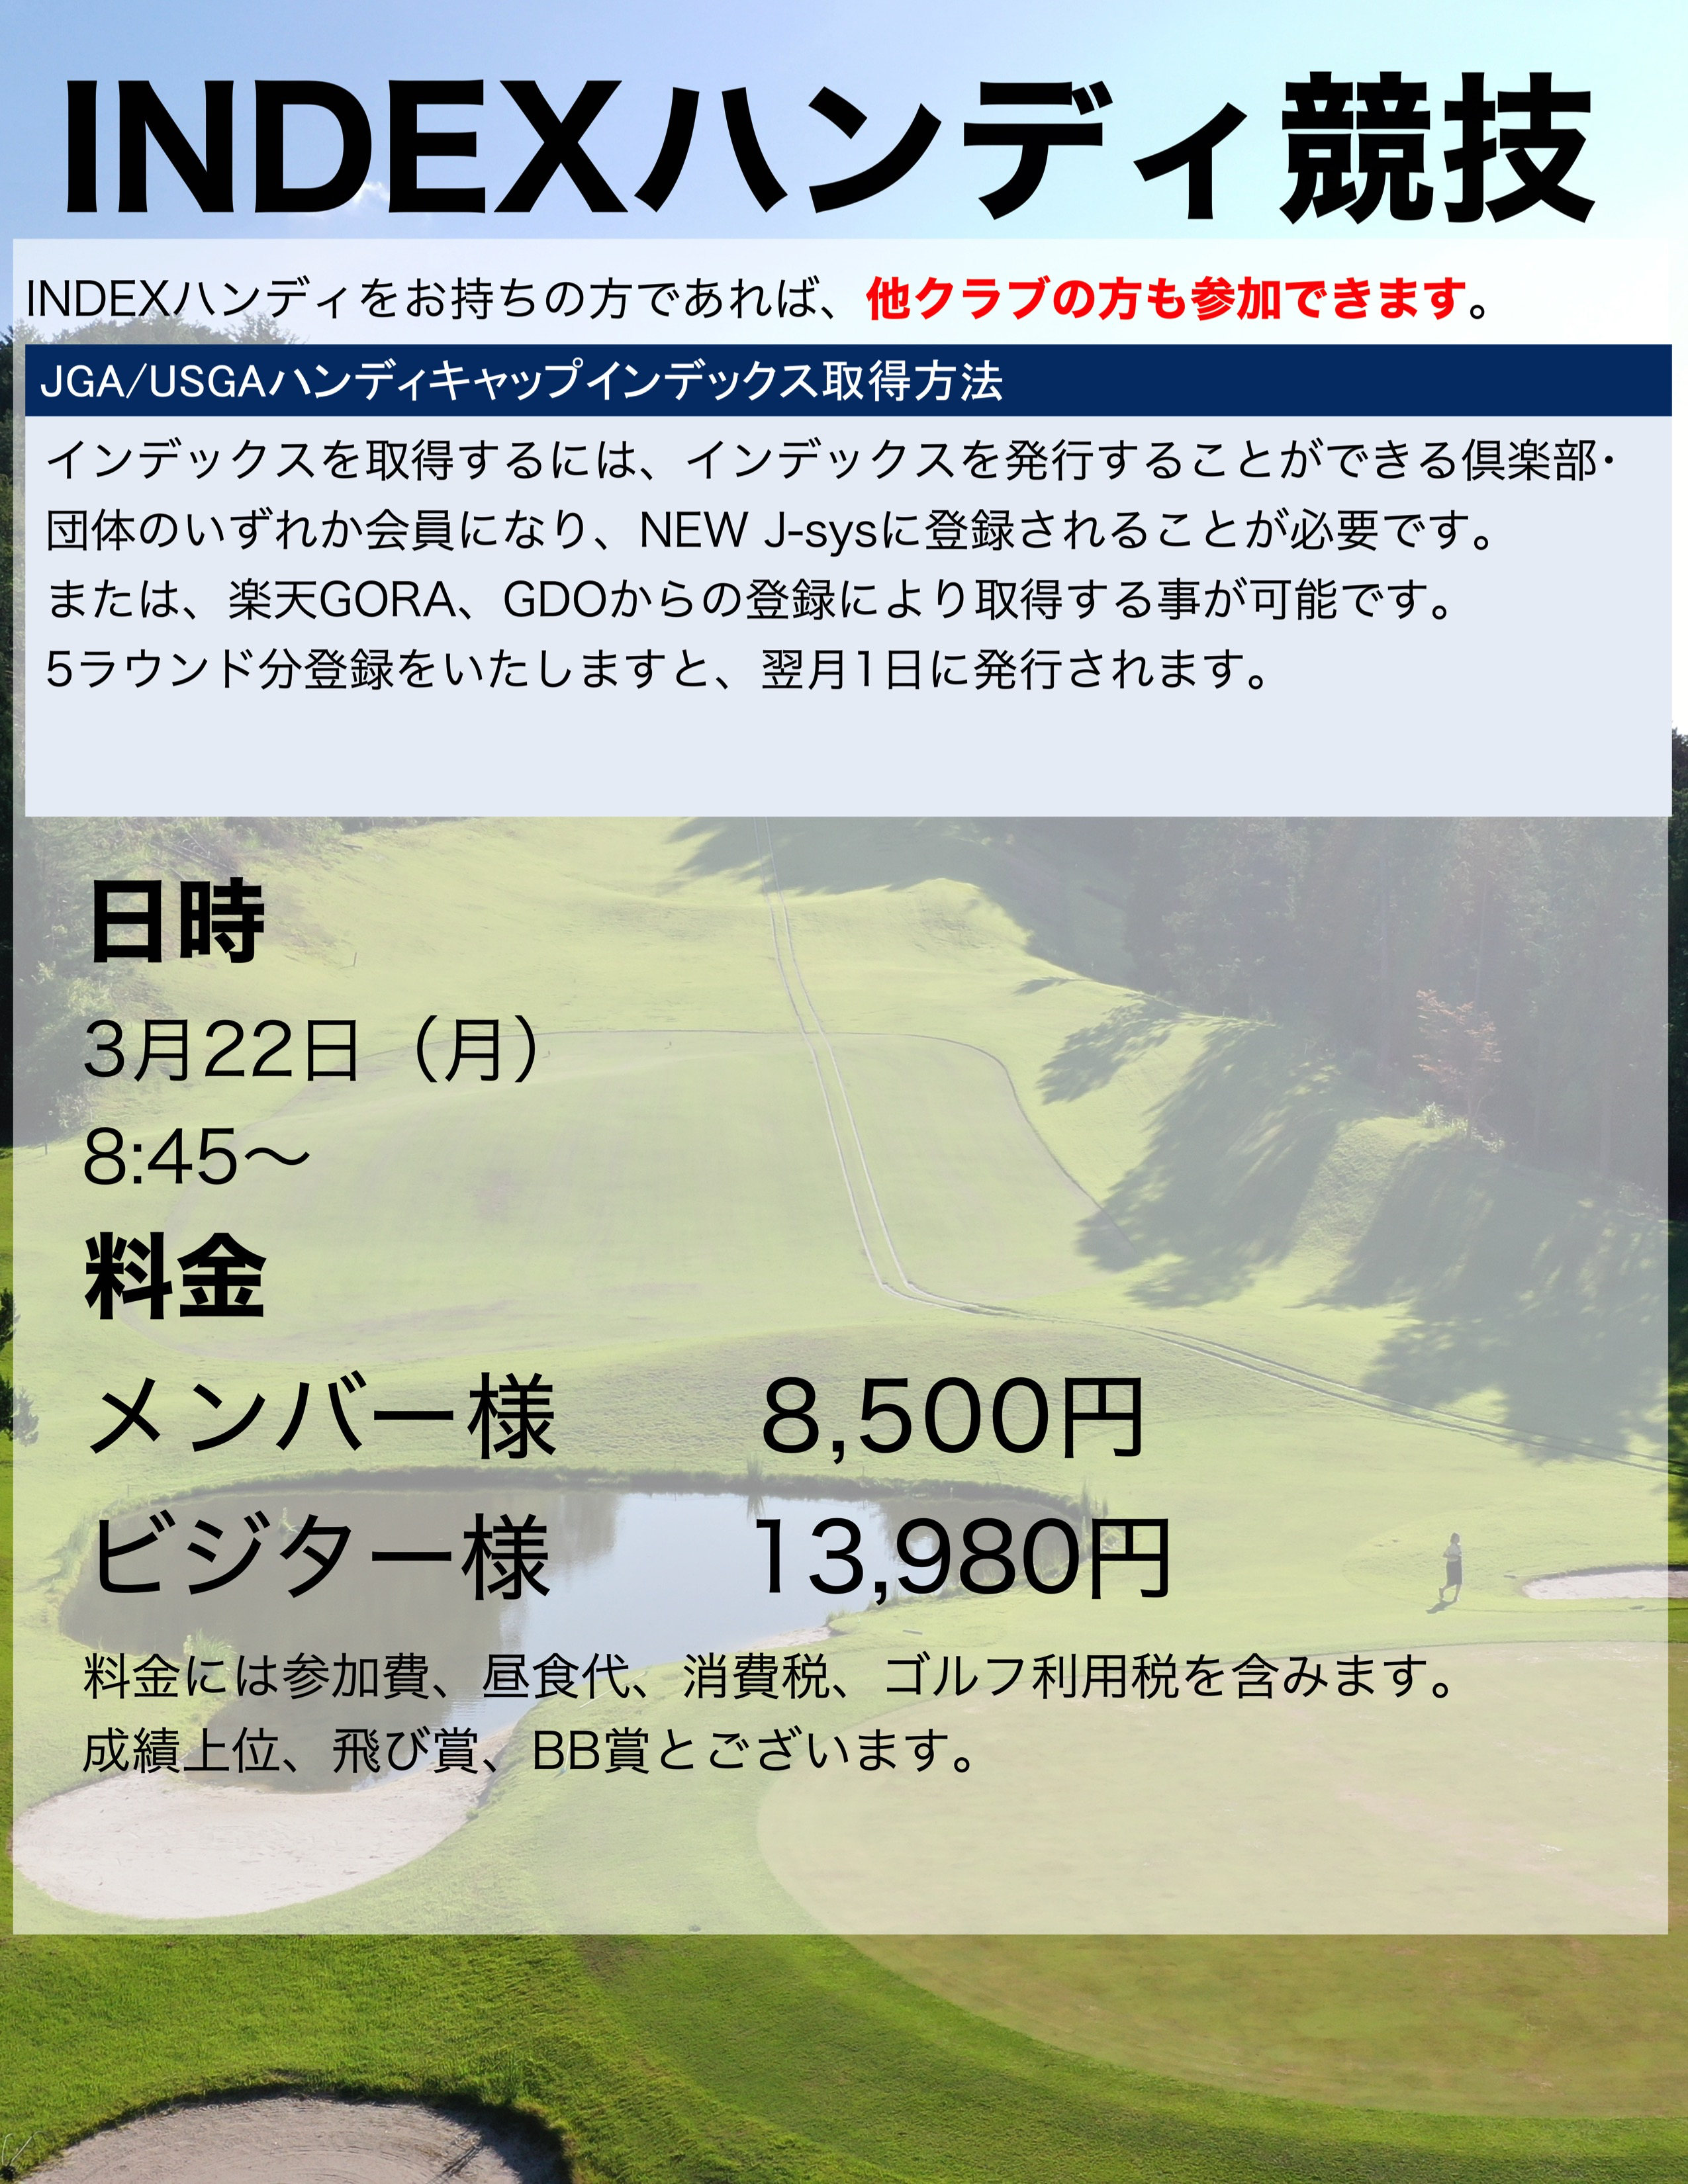 3月22日 INDEXハンディ競技出場選手へのご連絡